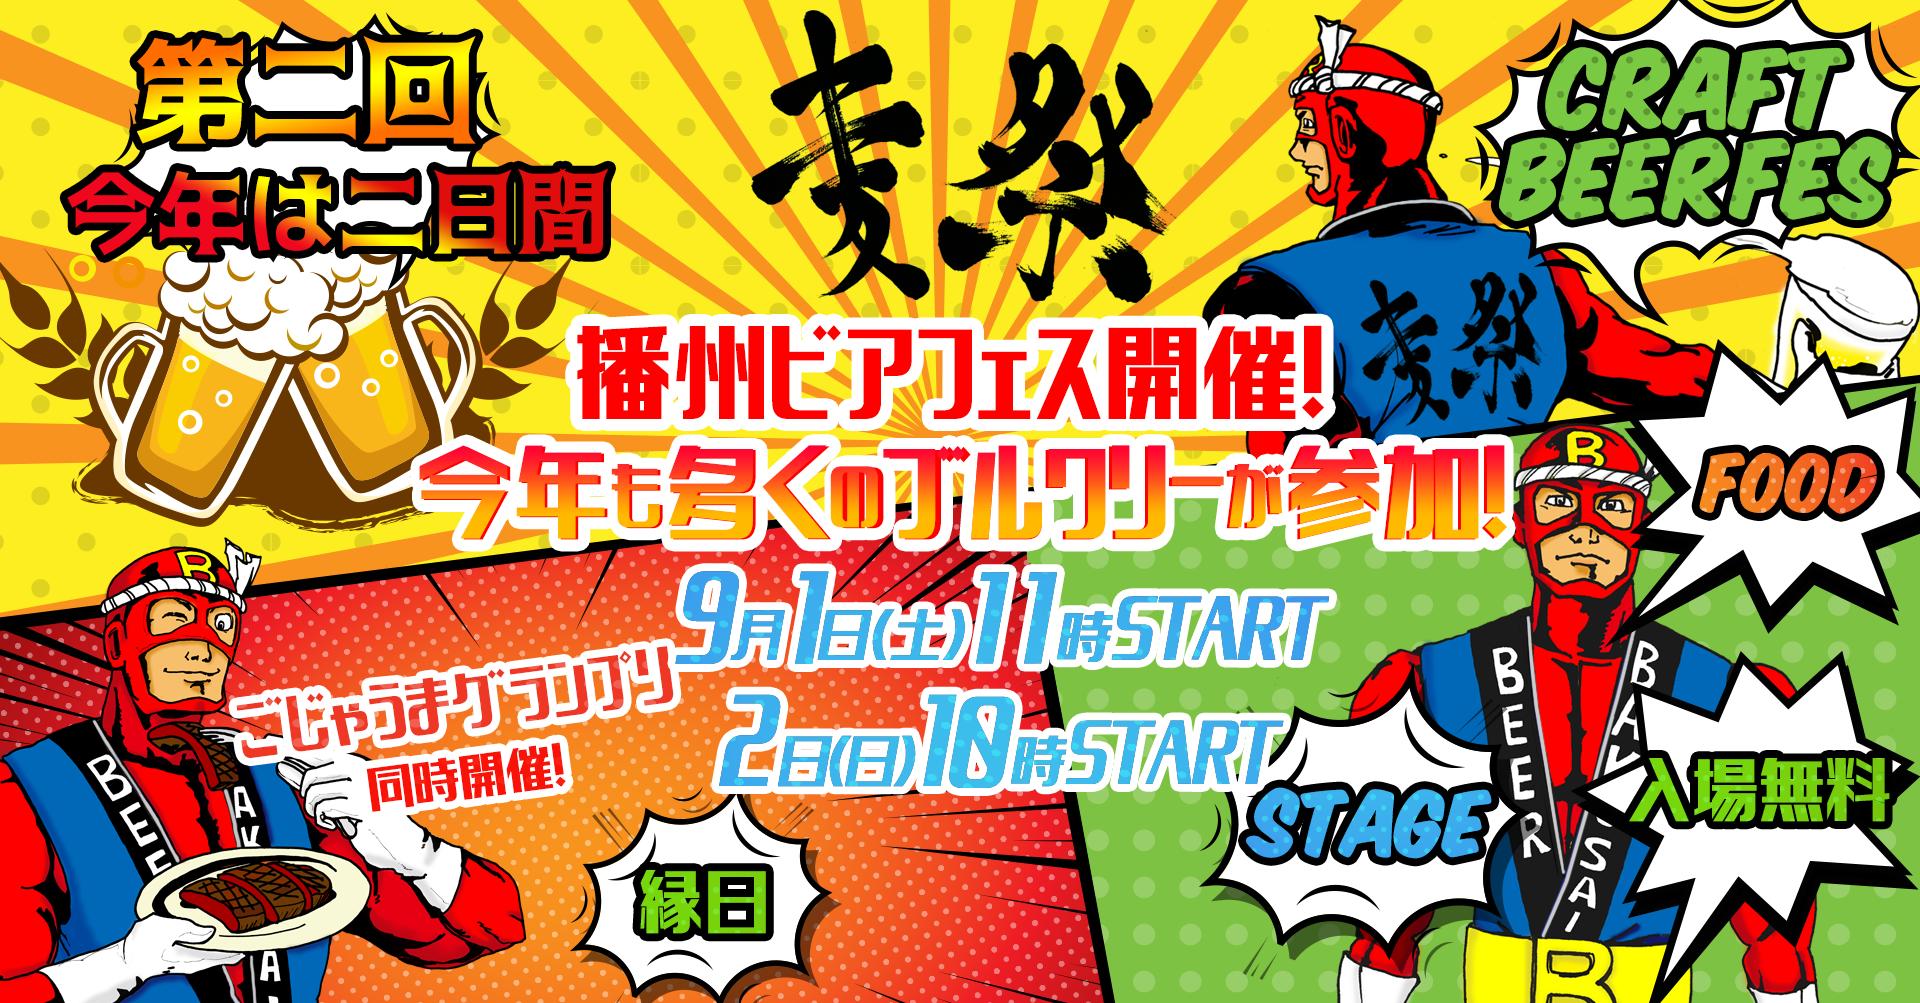 播州ビアフェス 麦祭